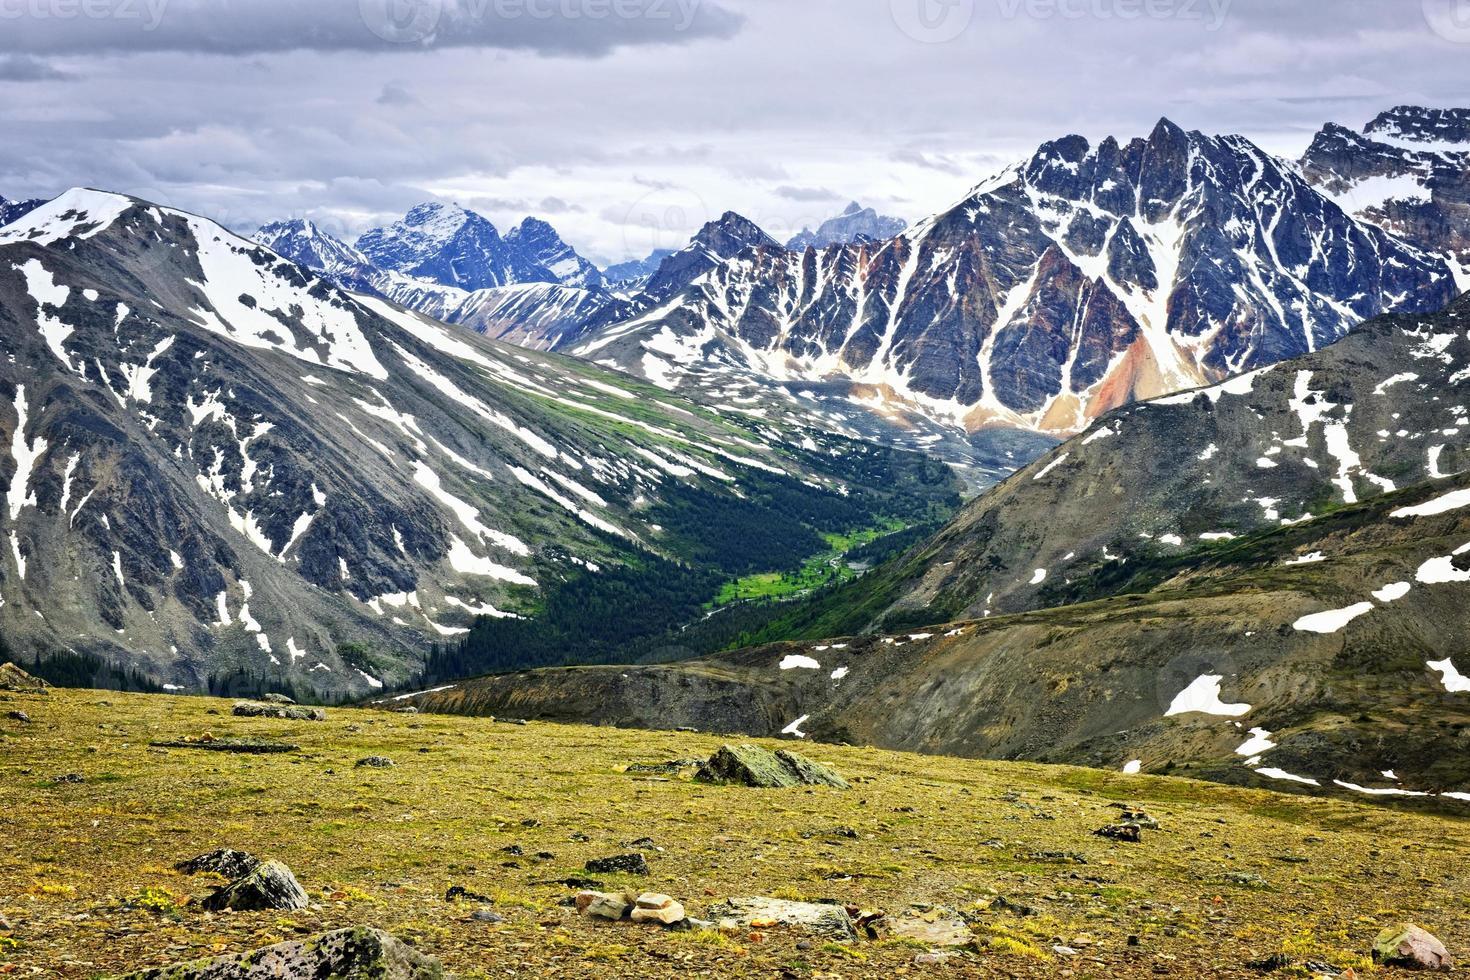 montagne rocciose nel parco nazionale di jasper, canada foto